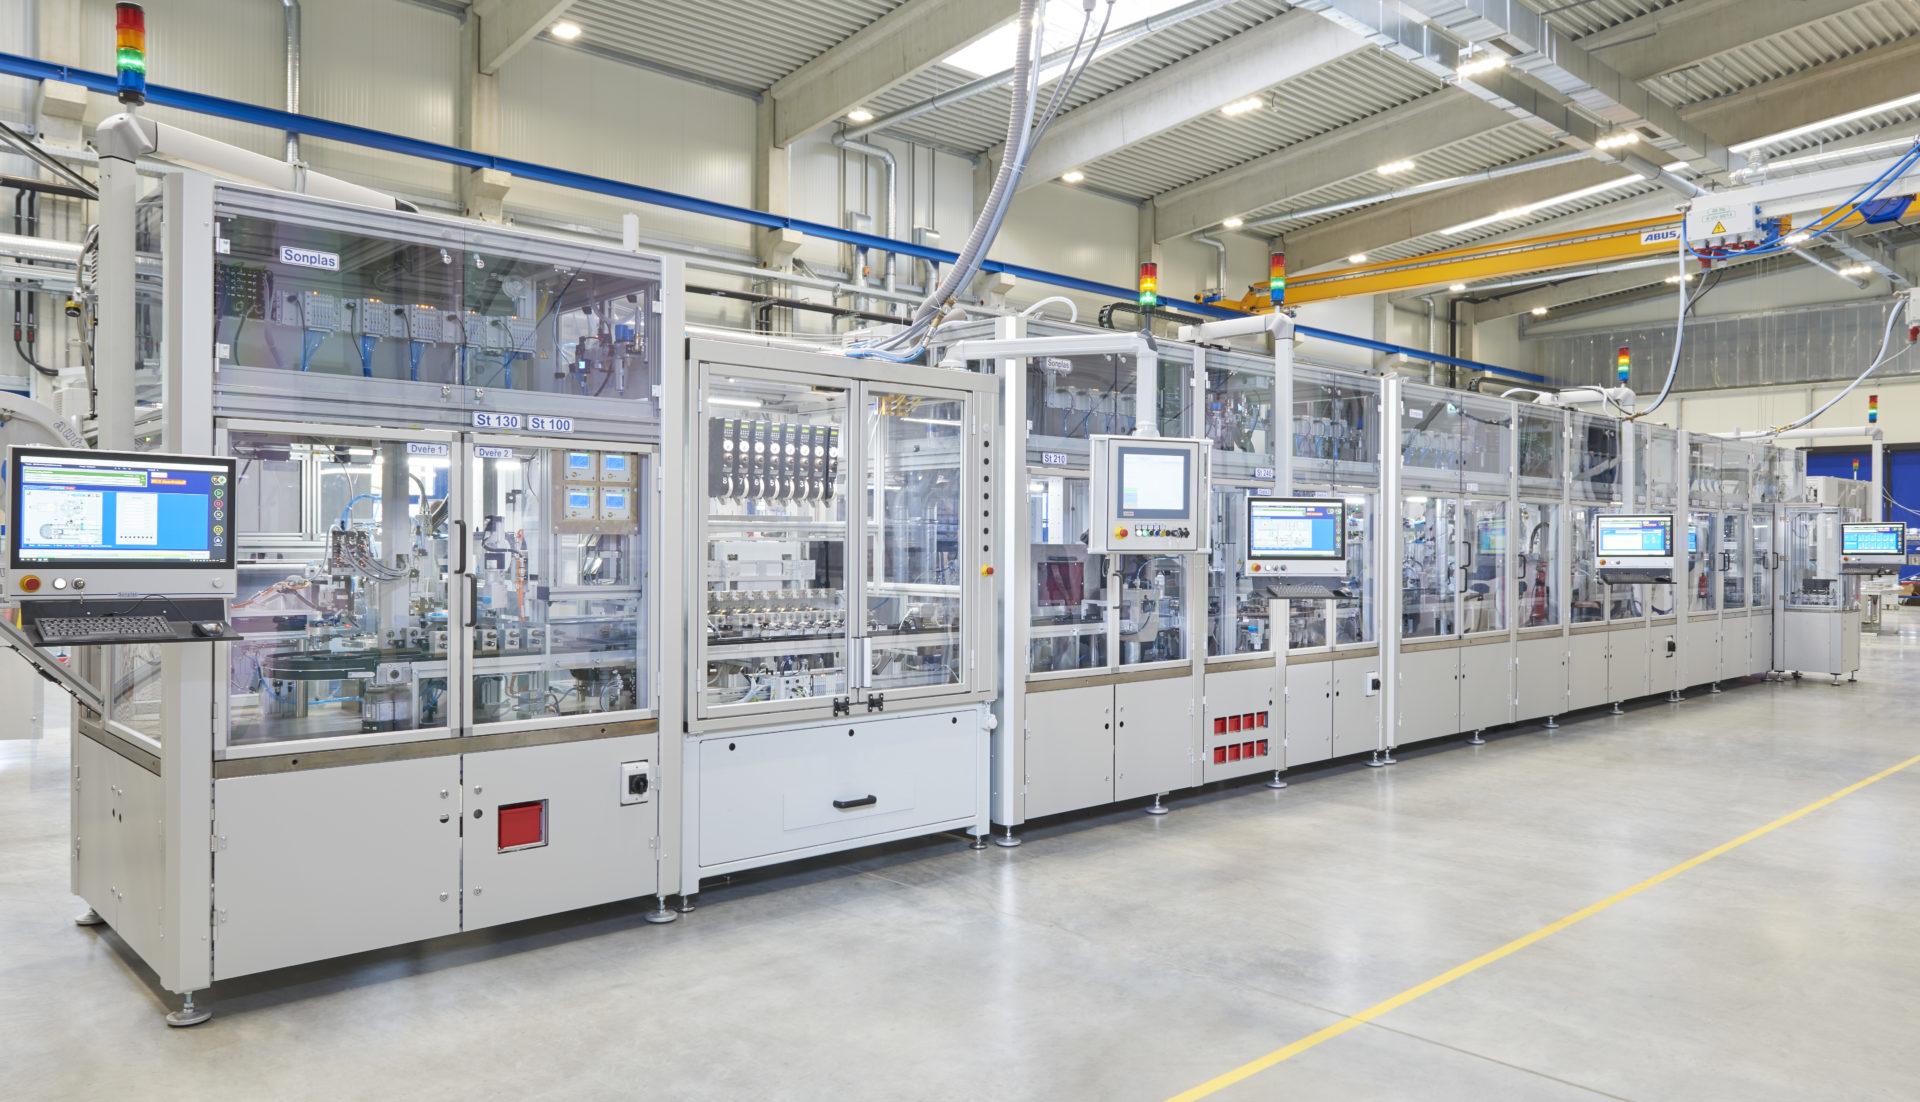 Montagelinie Magnetventil Assembly line solenoid valve